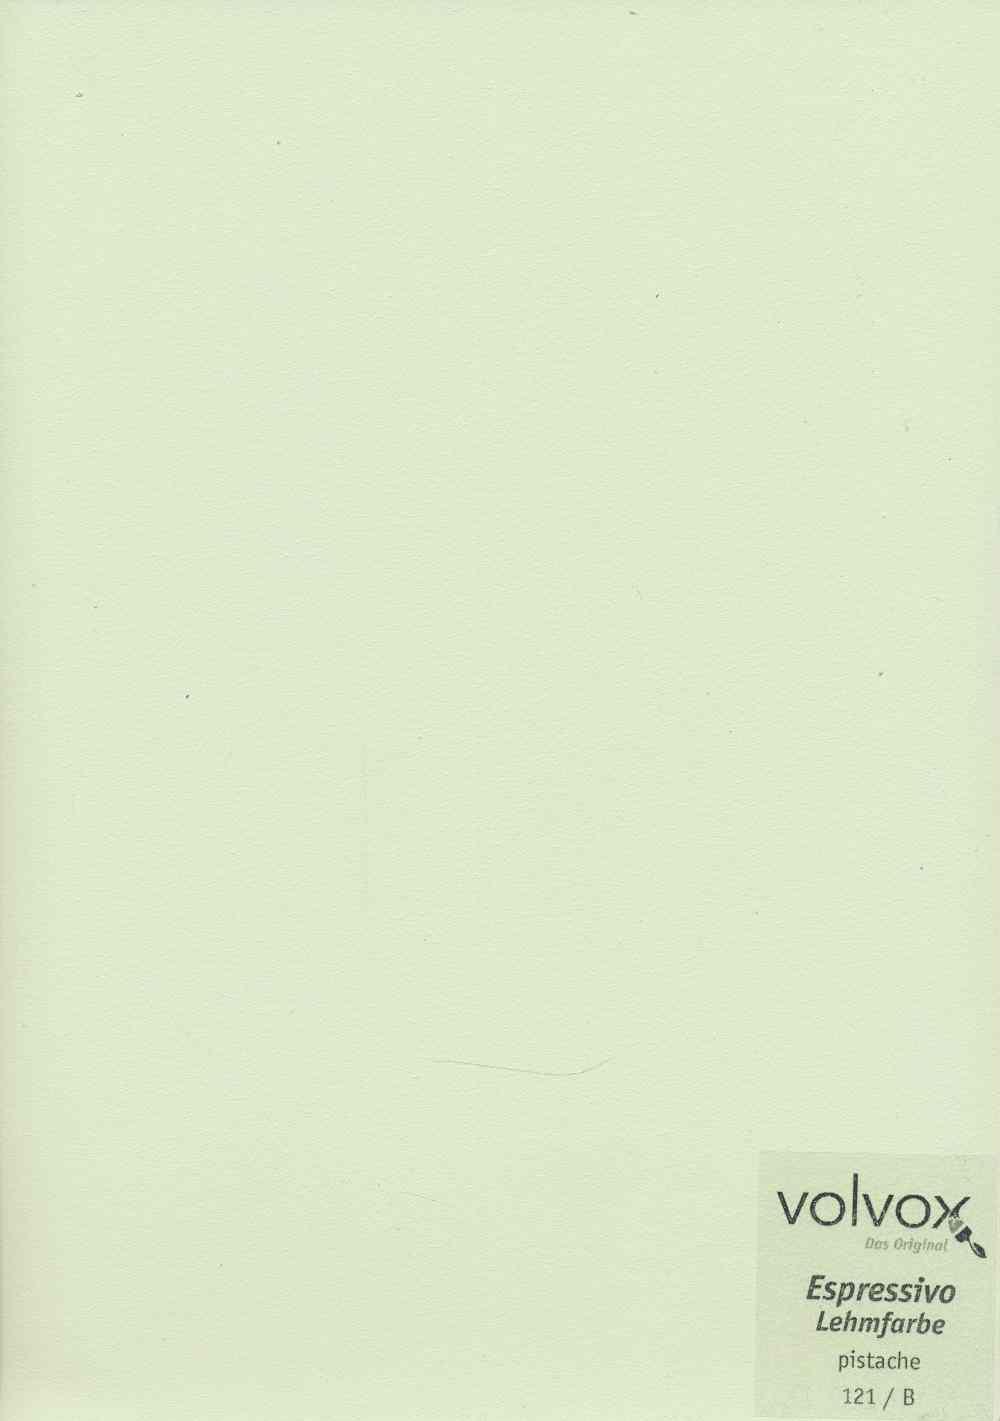 Volvox Espressivo Lehmfarbe 121 pistache